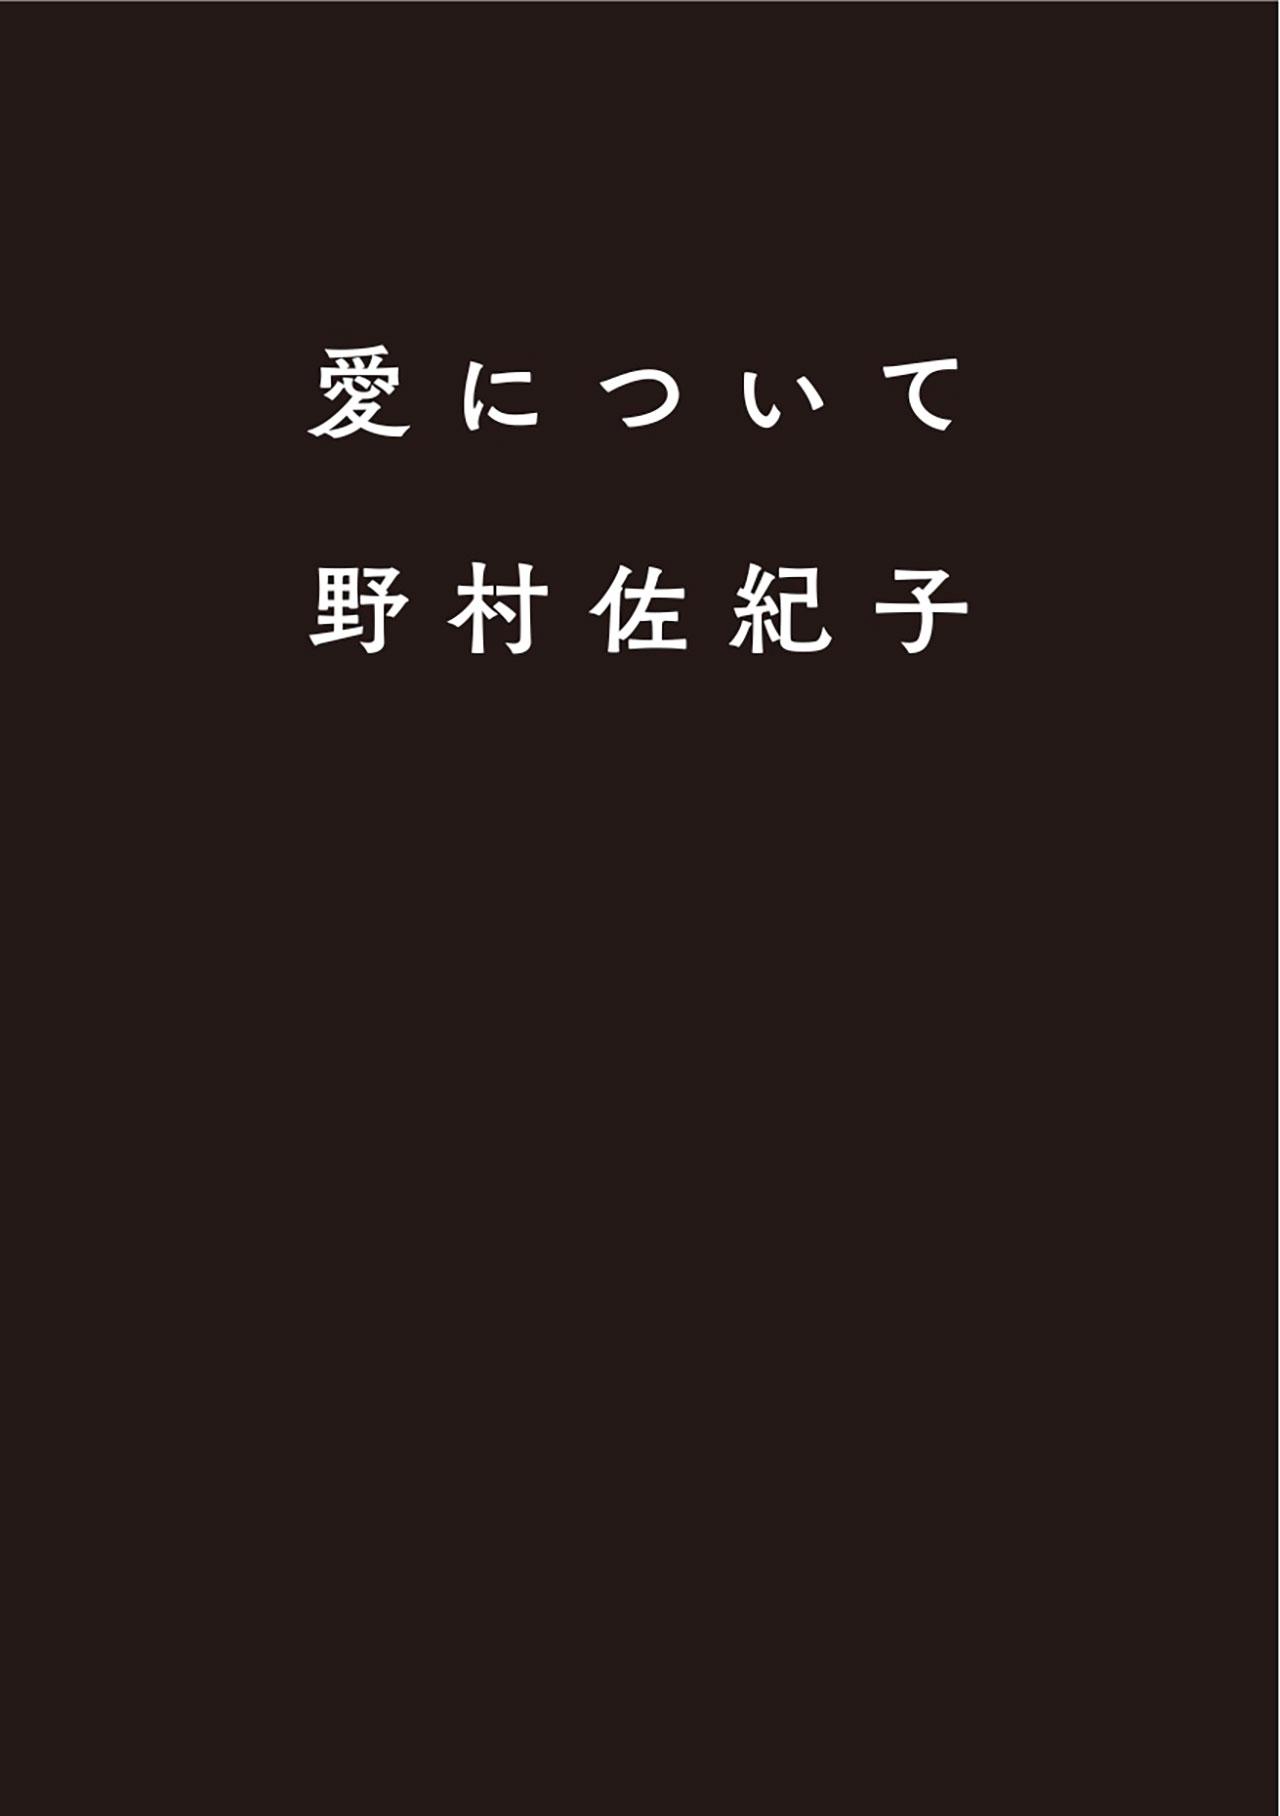 『愛について』 ¥4,000 | © Sakiko Nomura